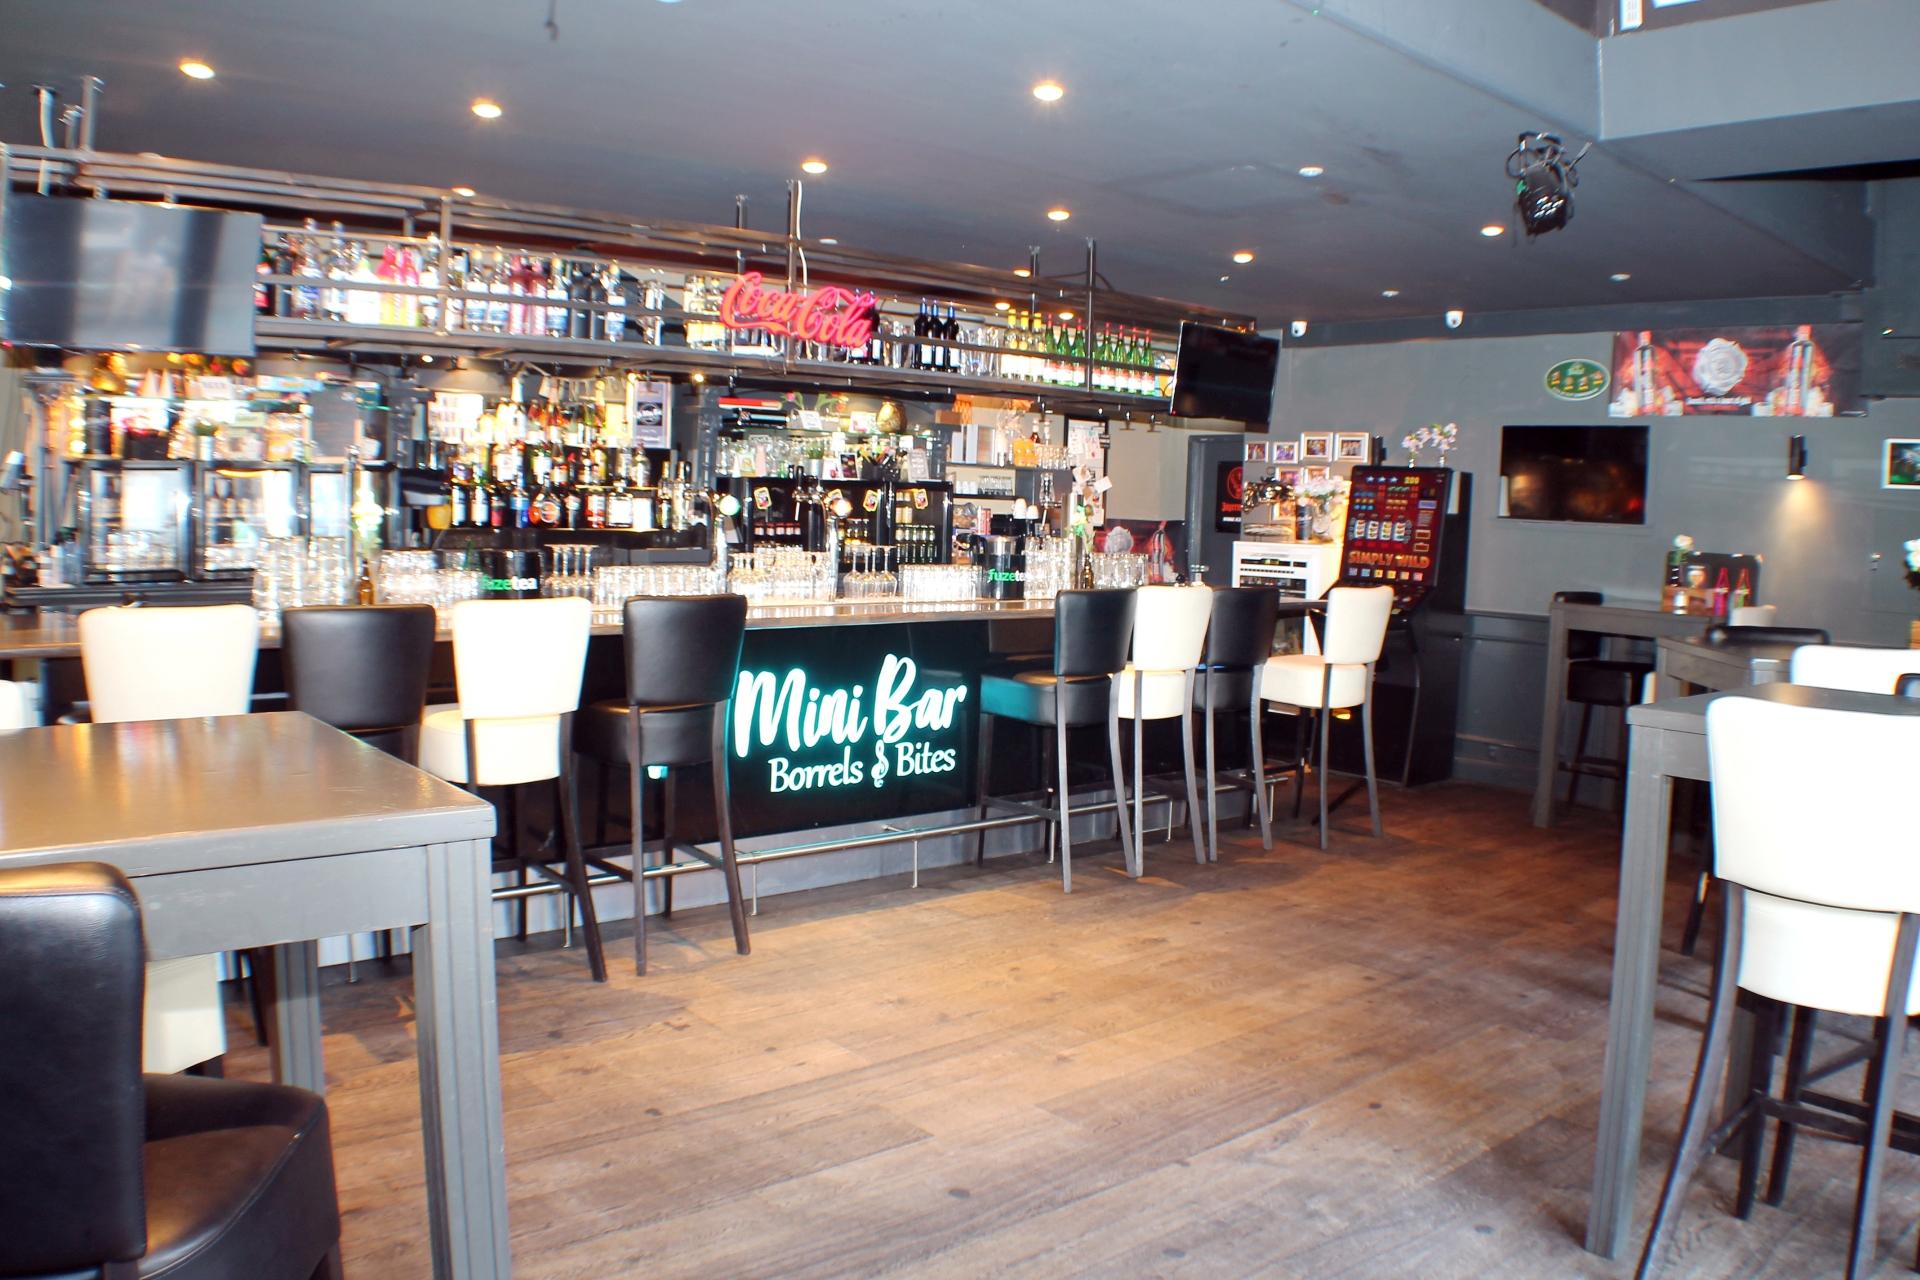 Café Bar De Mini Bar In Centrum Enschede Twentse Horeca